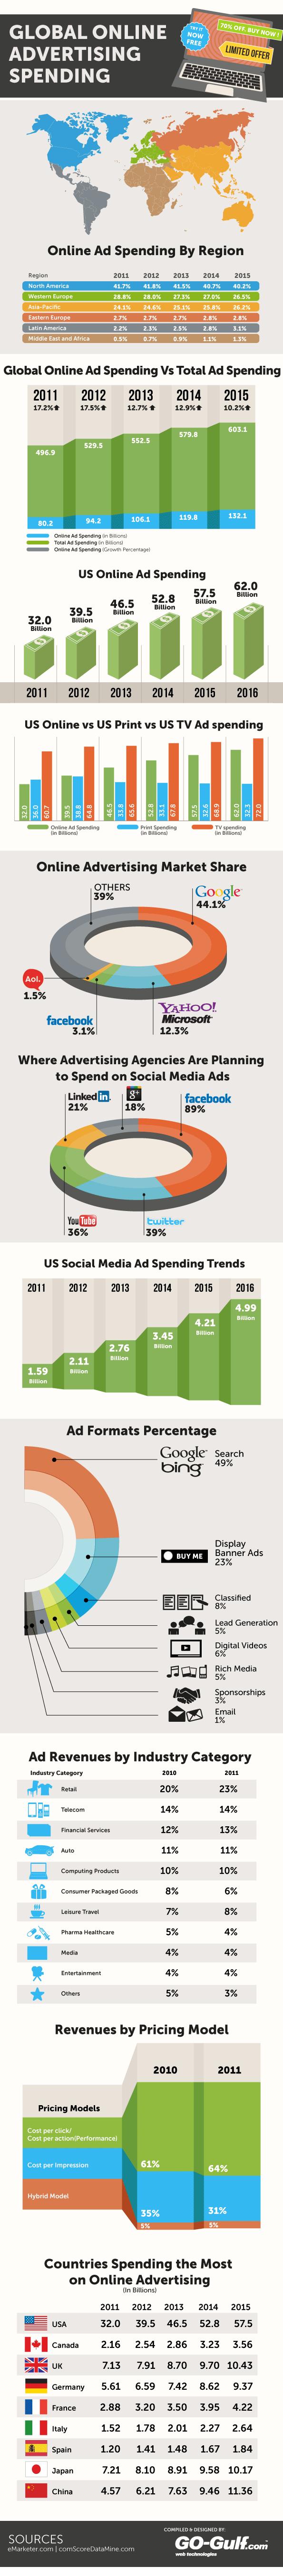 gasto online en publicidad en internet